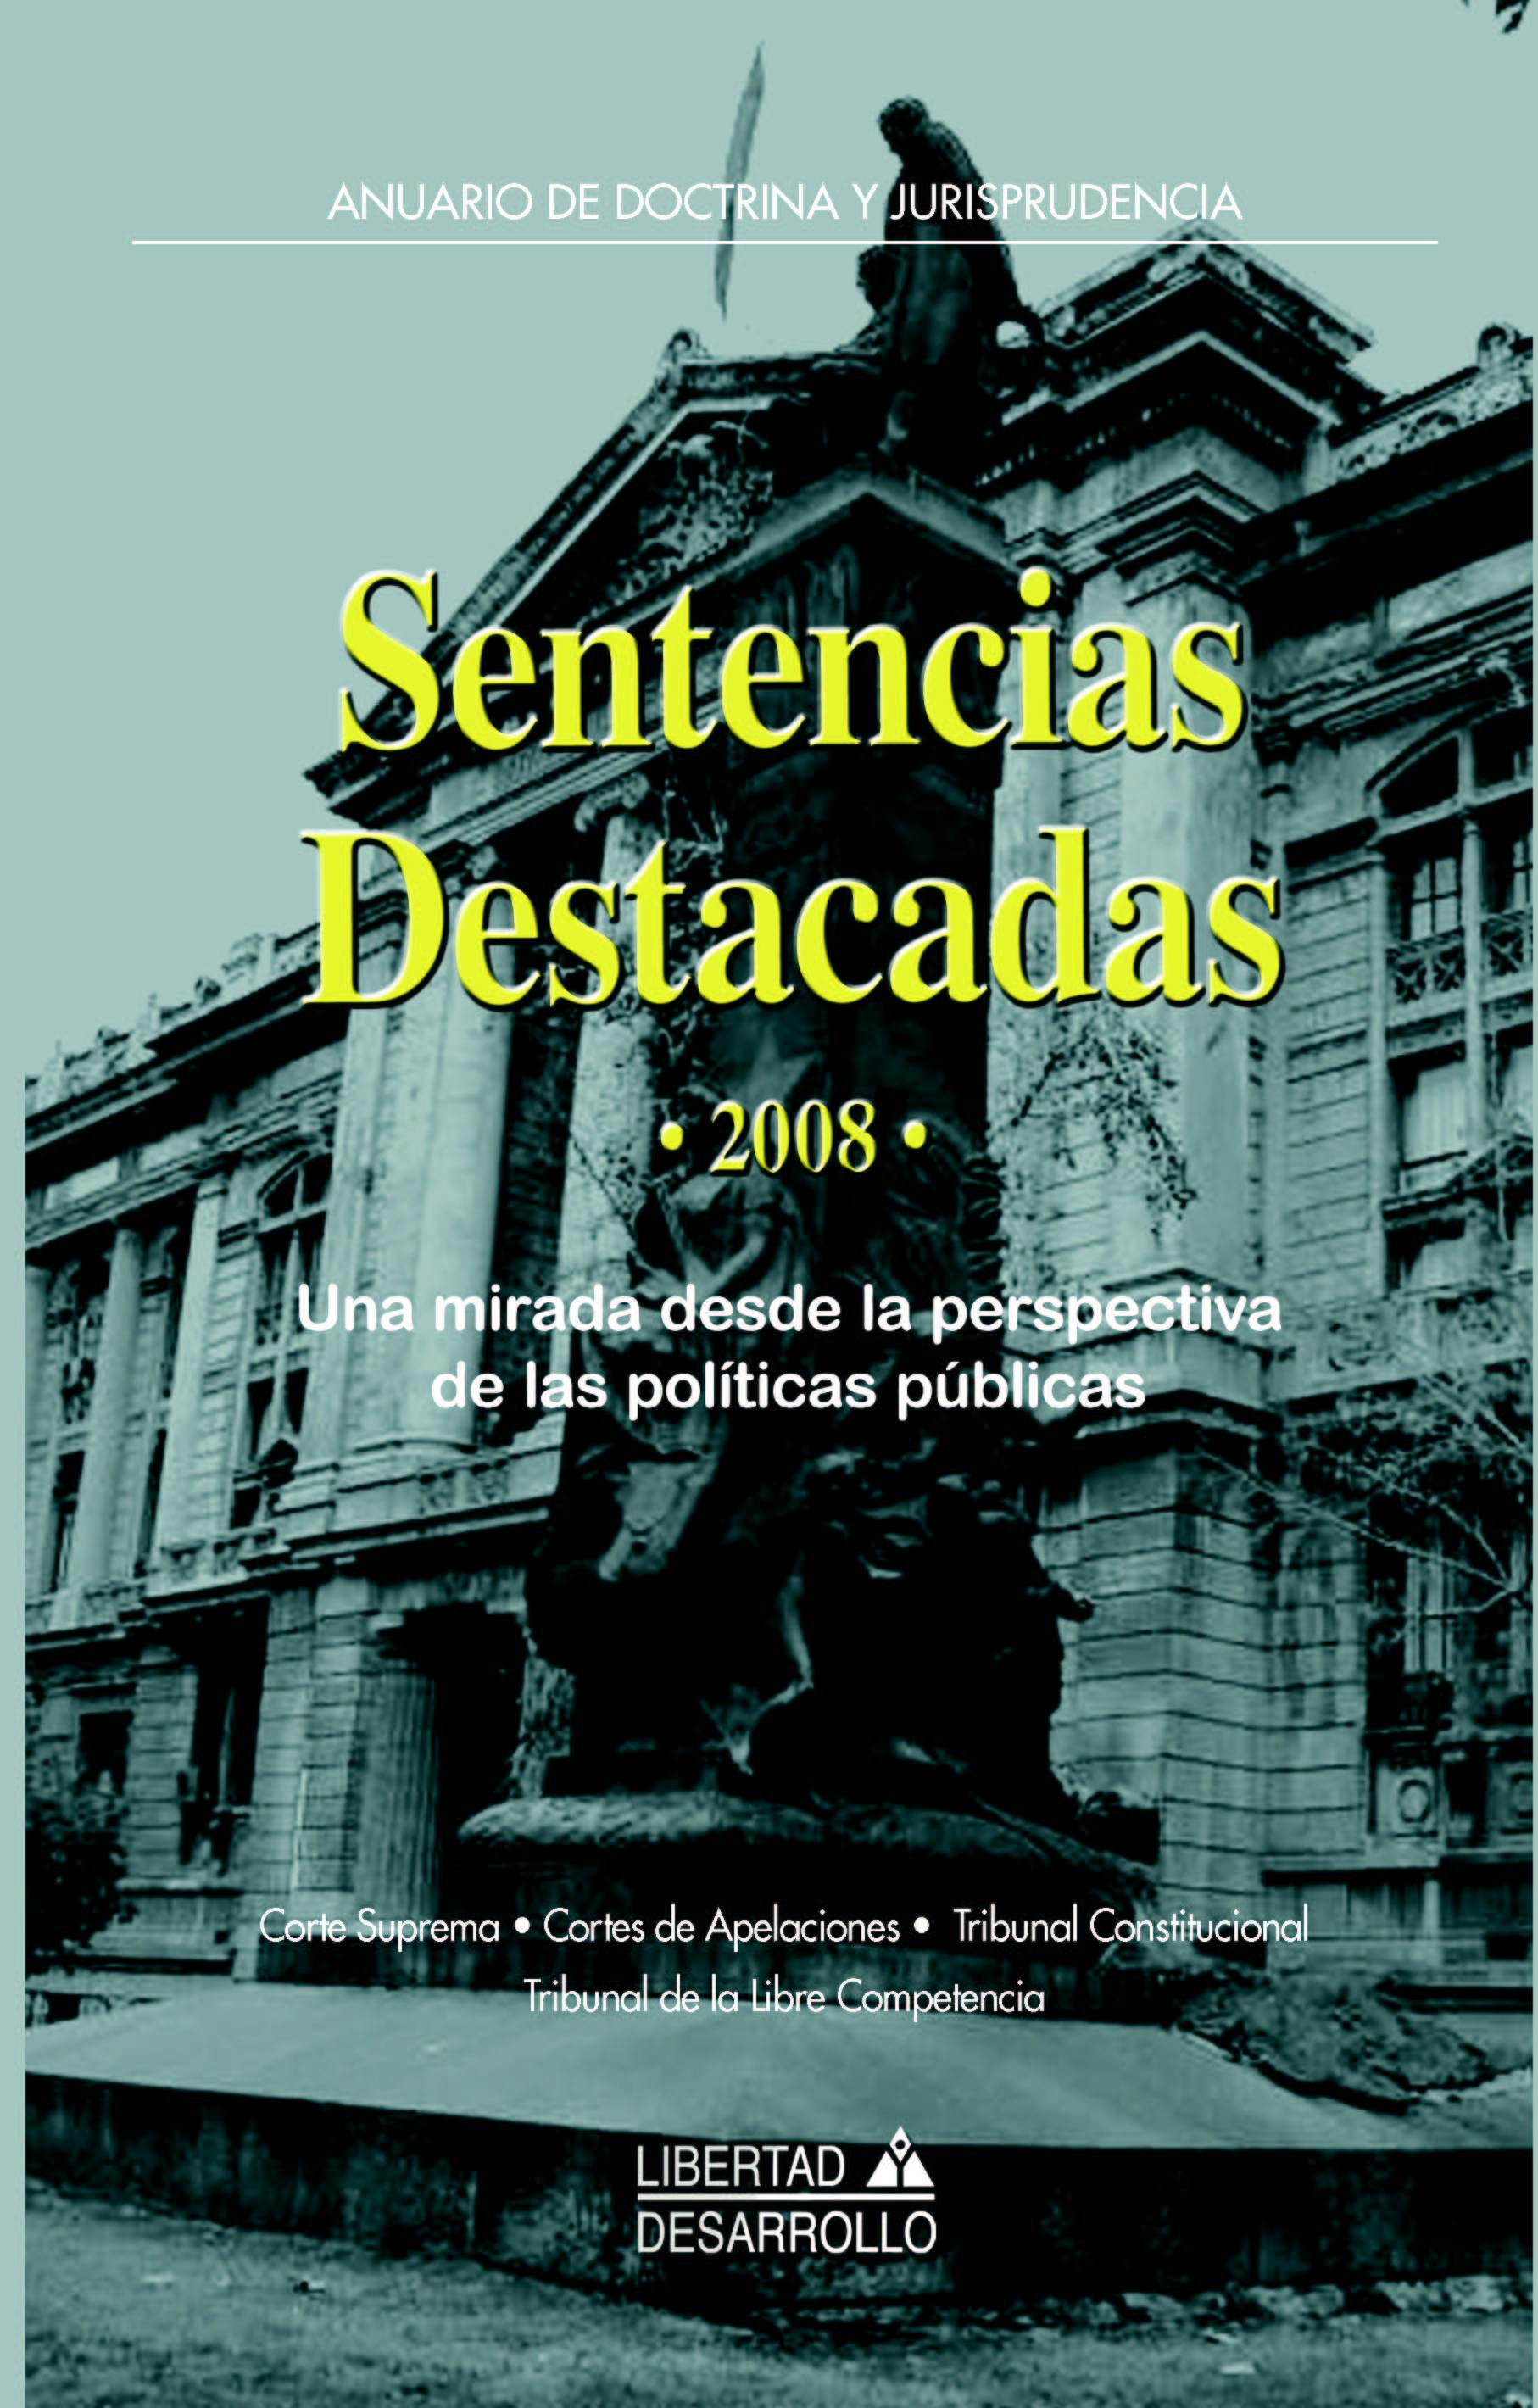 Sentencias Destacadas 2008